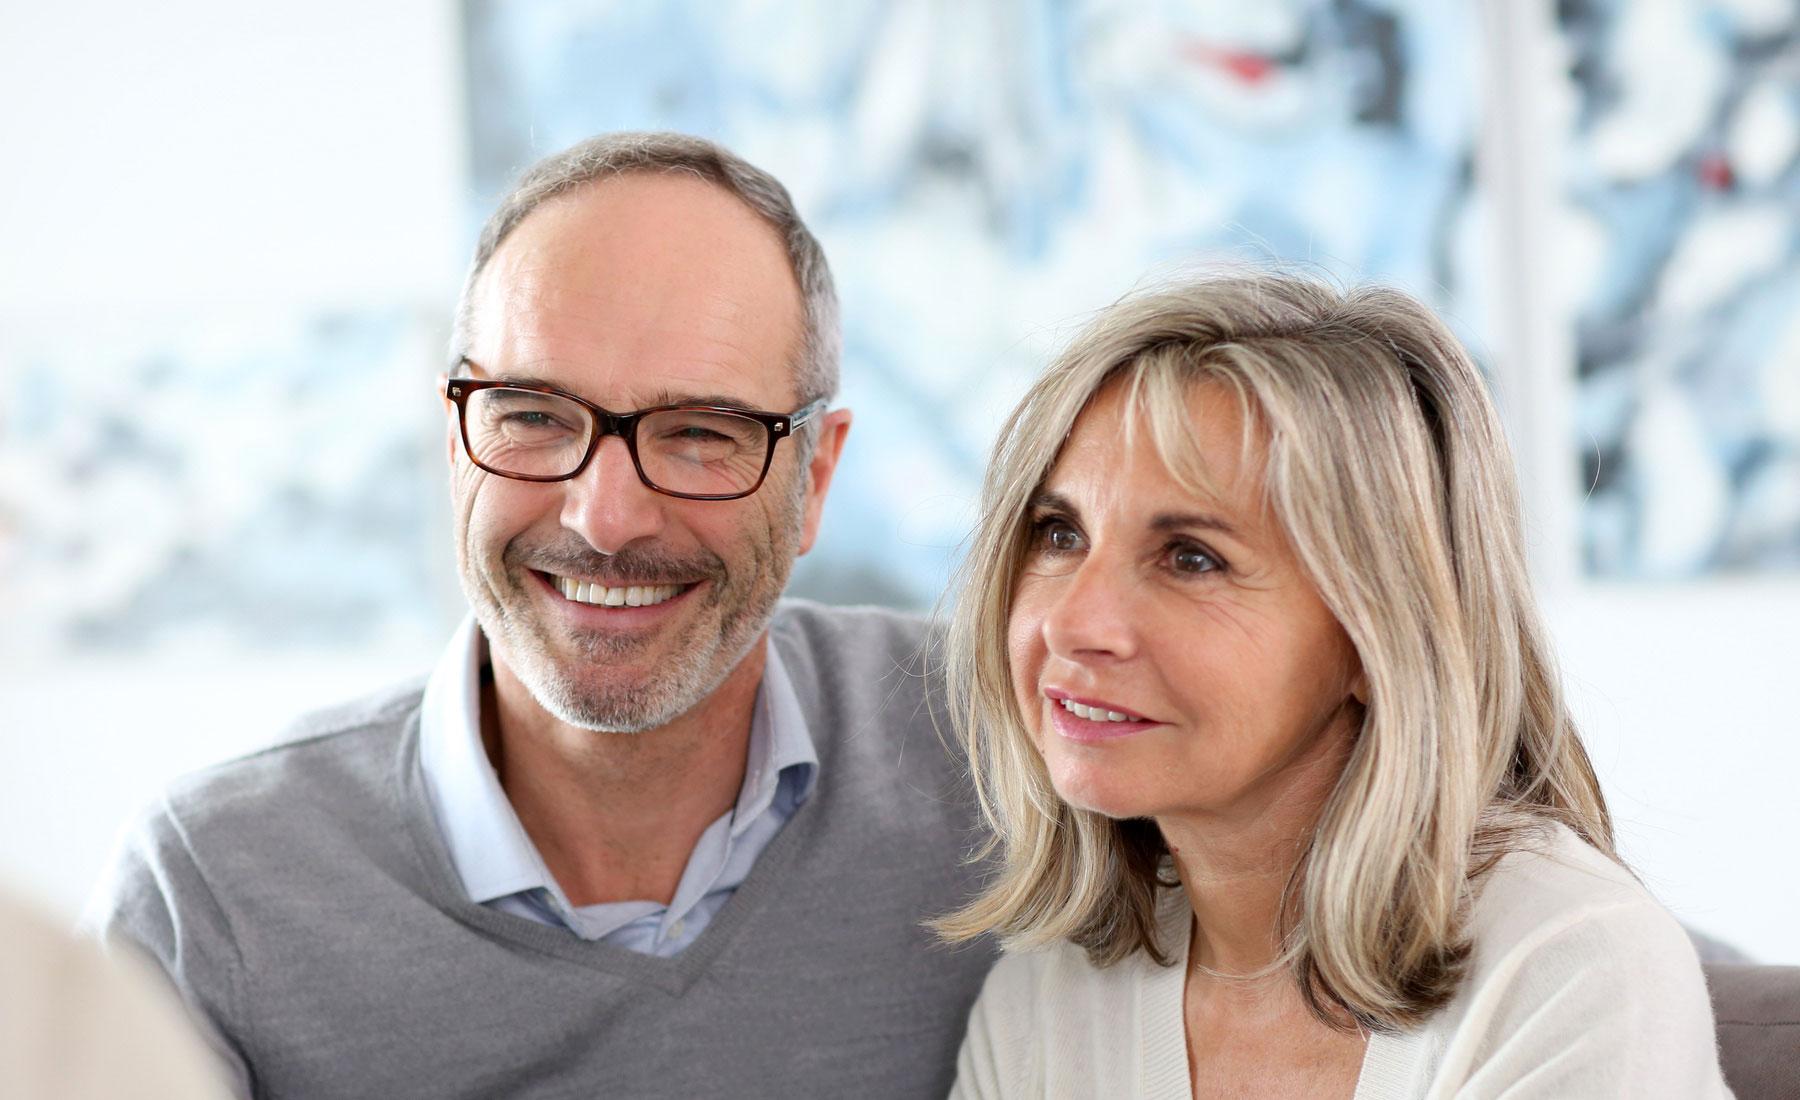 Zahnärzte können mehr von der Steuer absetzen